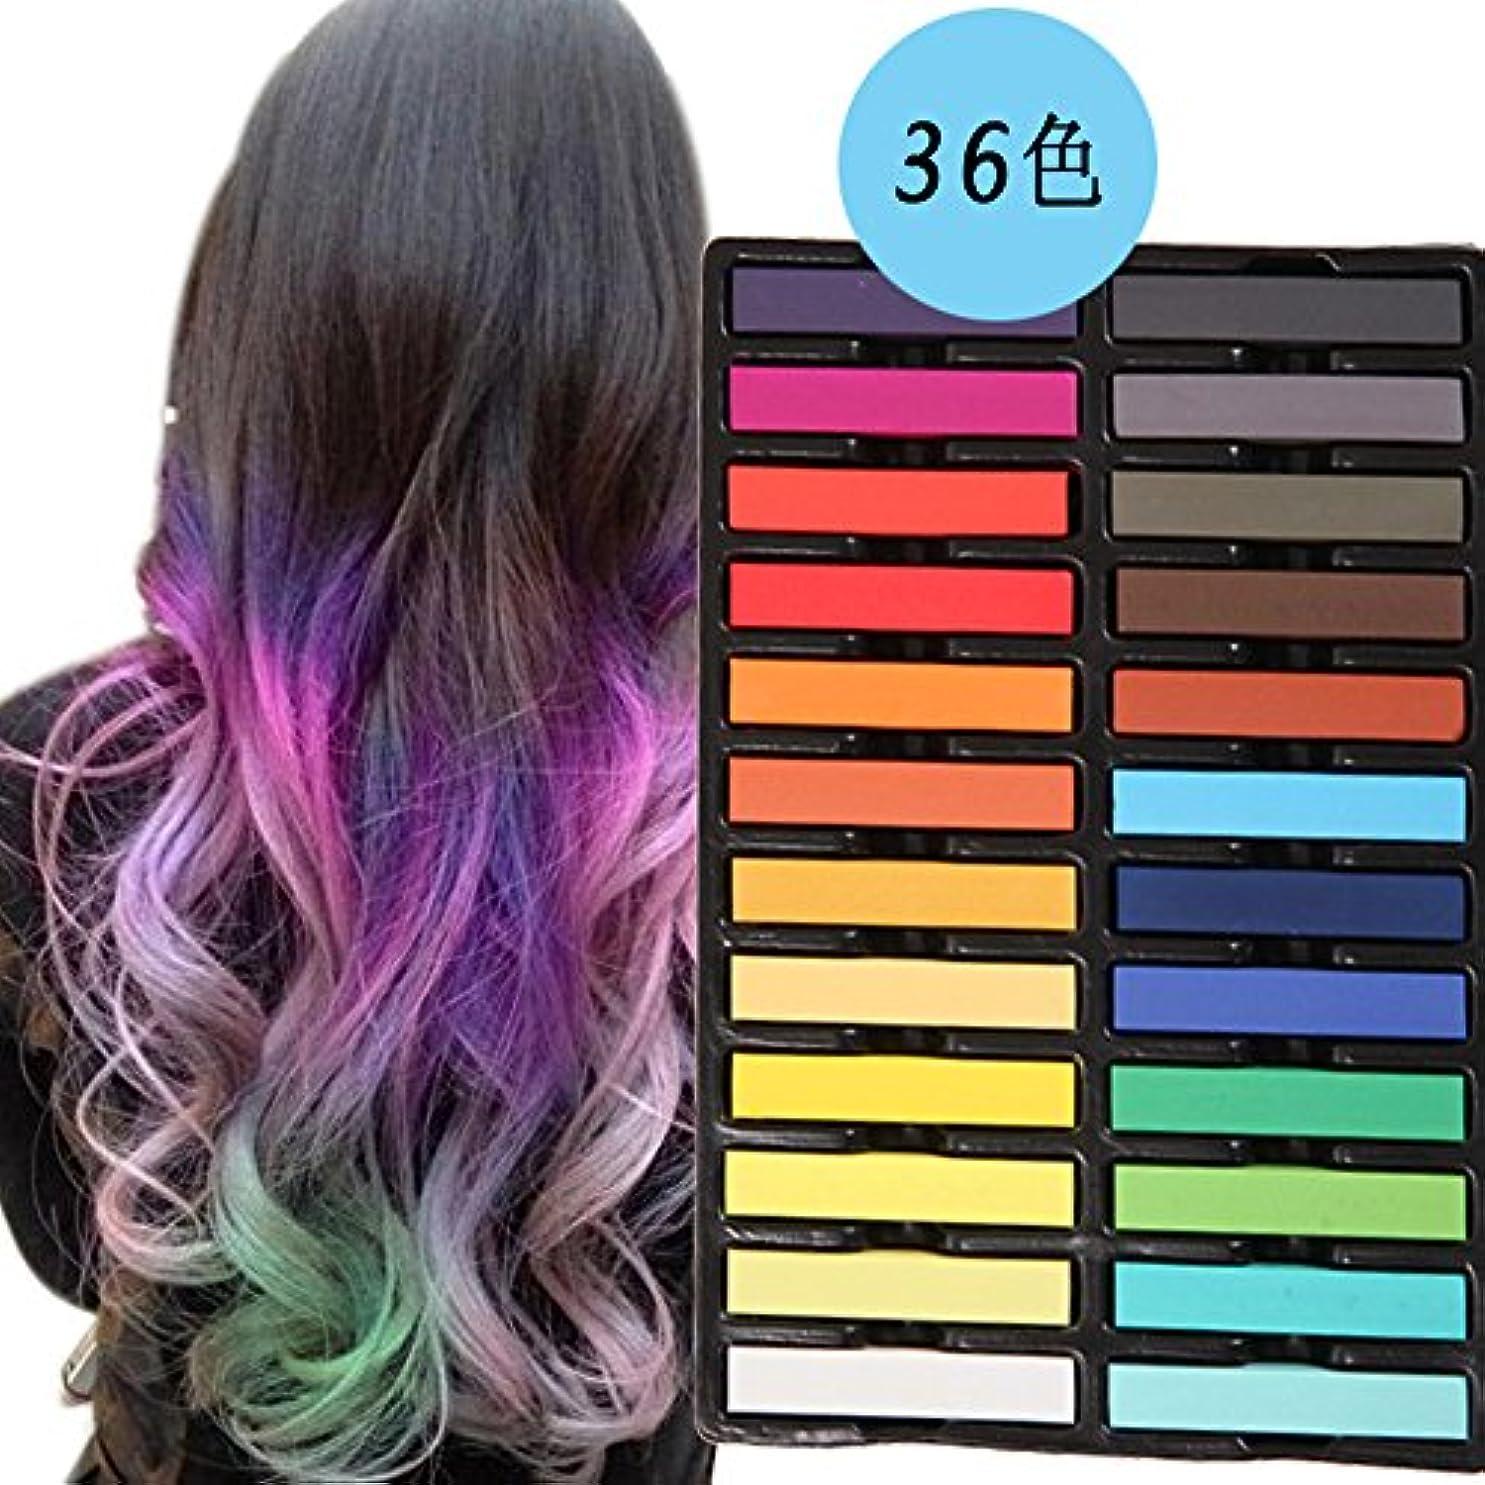 旋回傾斜快いIKRR ヘアチョーク[全36色] ヘアカラーチョーク 髪染めチョーク 日だけの髪染め 落ちる簡単 仮装 パーティー 舞台 演出に最適